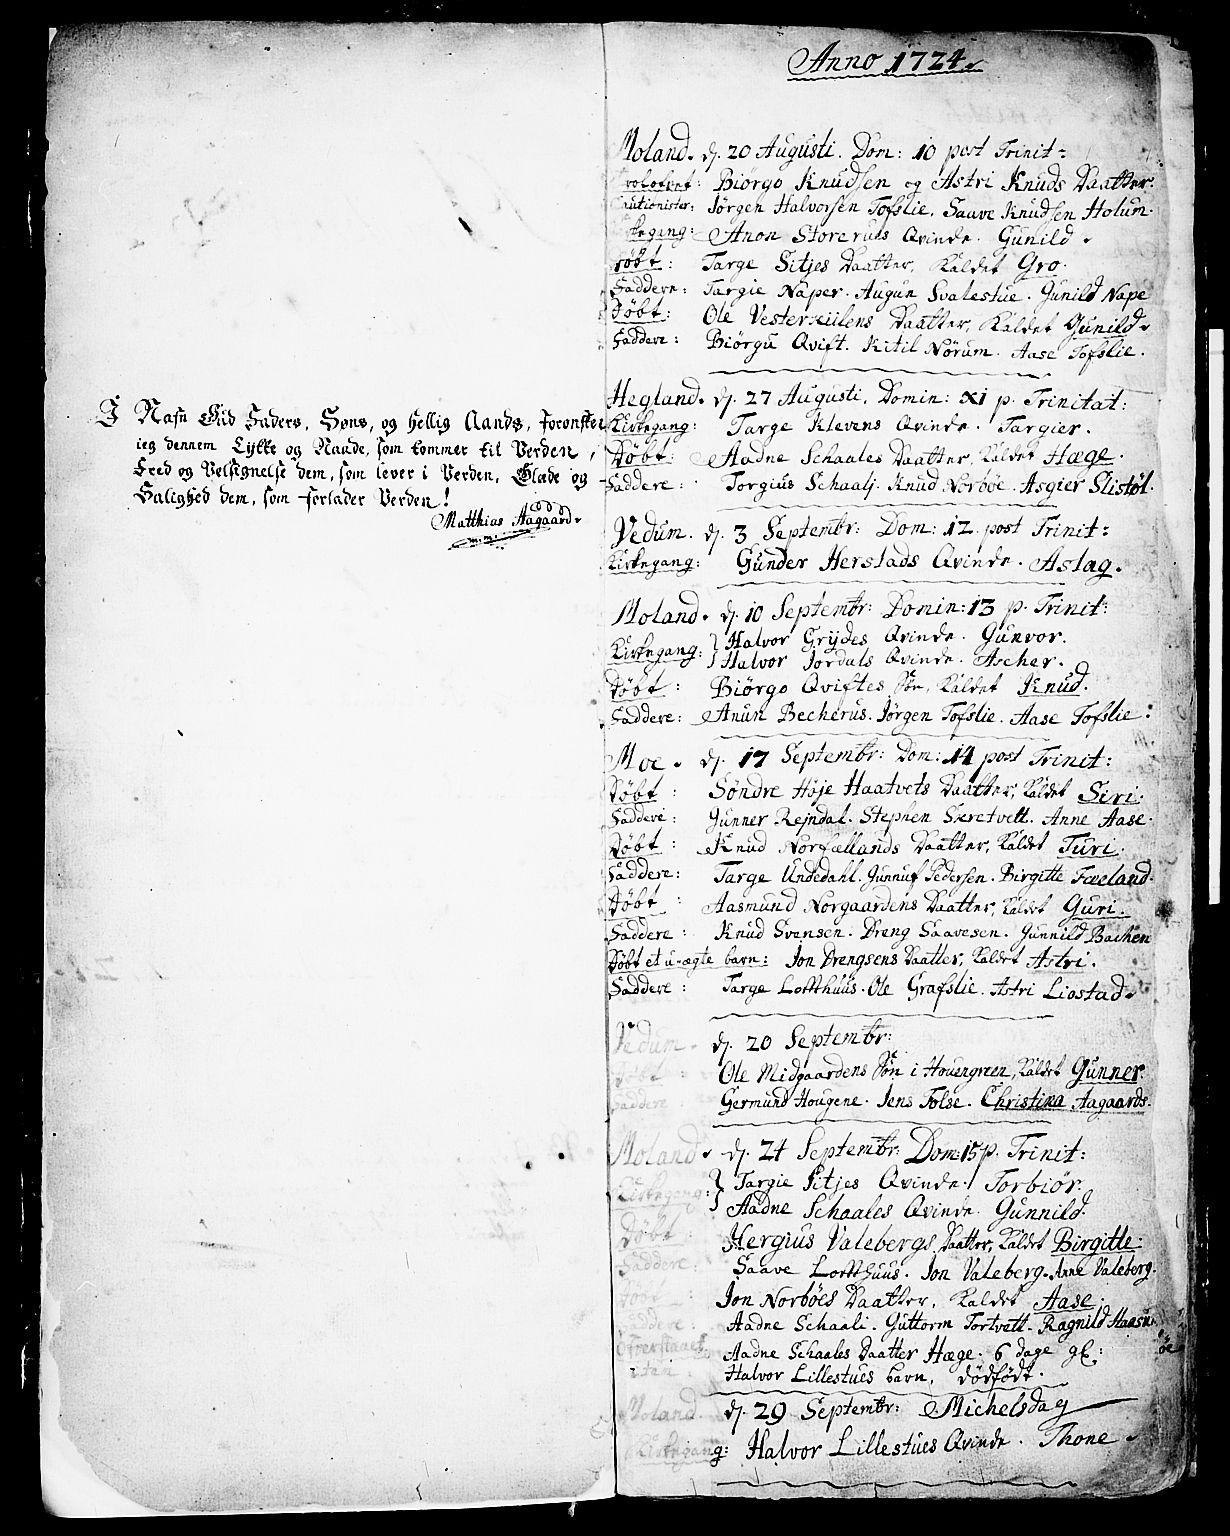 SAKO, Fyresdal kirkebøker, F/Fa/L0001: Ministerialbok nr. I 1, 1724-1748, s. 2